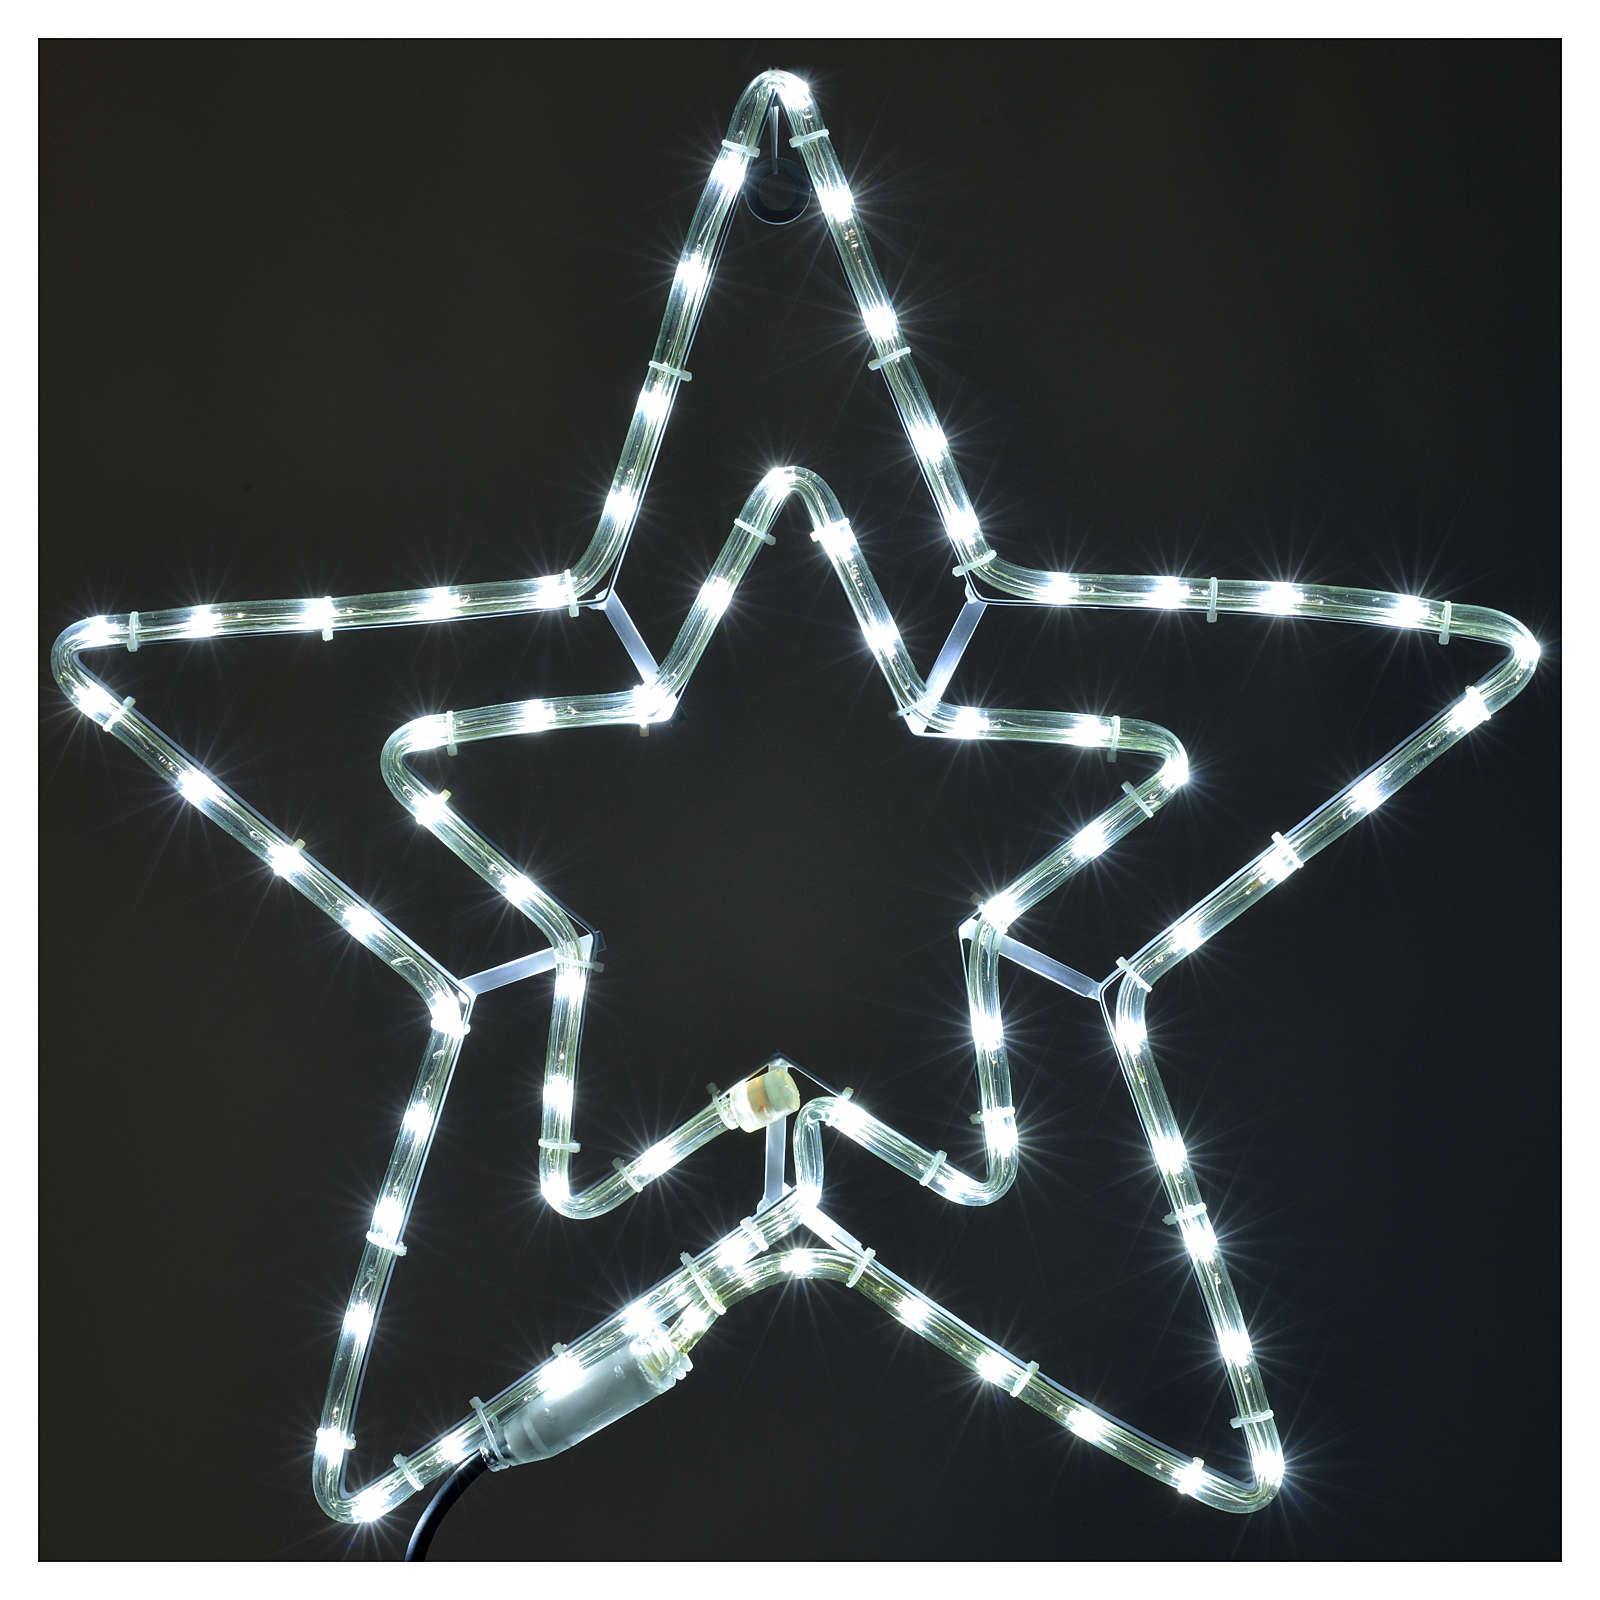 Stella doppia luminosa esterno bianco ghiaccio 3